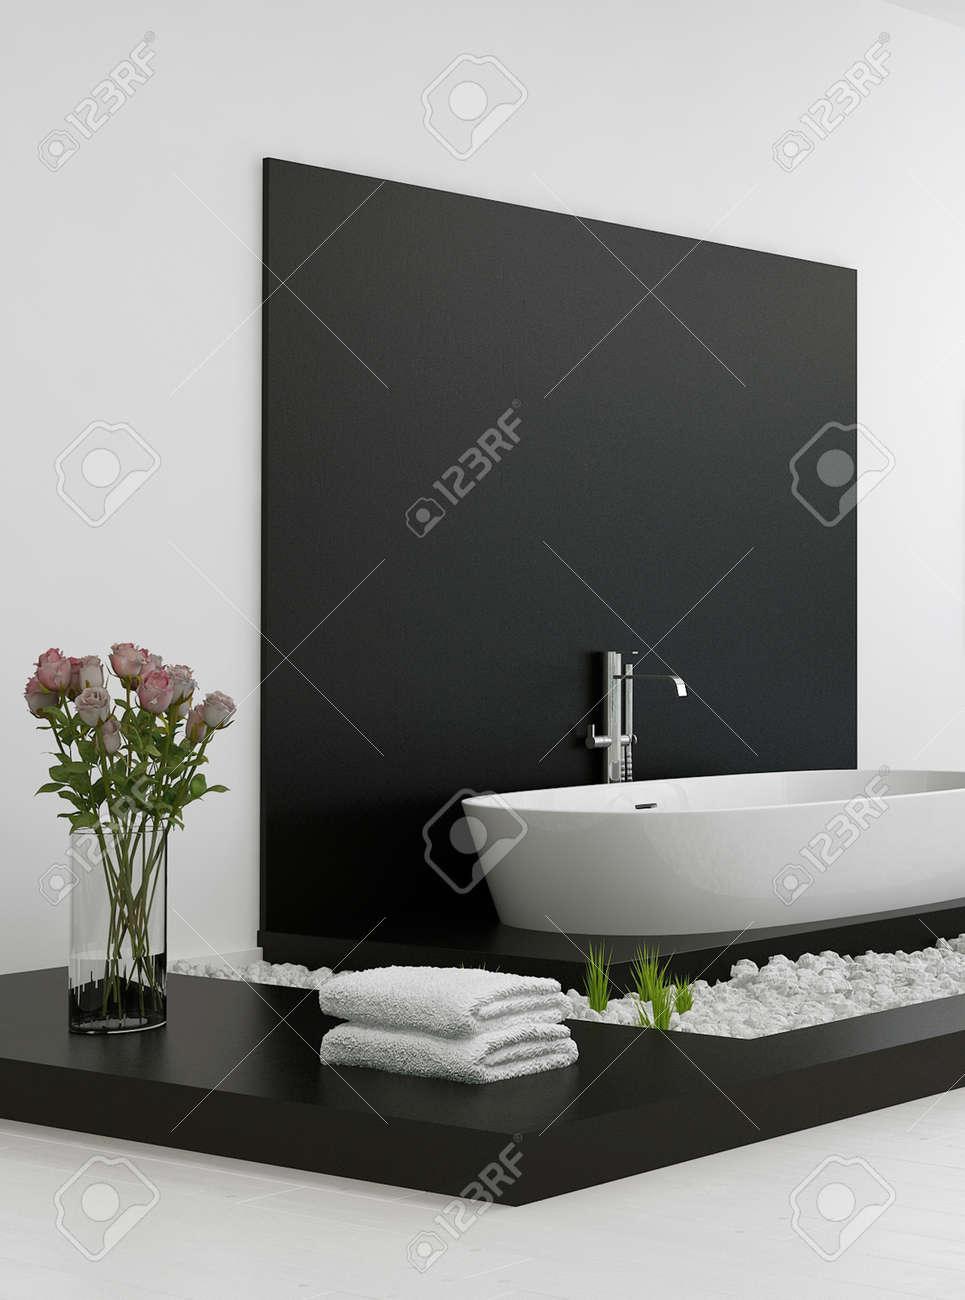 Quelle Peinture Utiliser Pour Une Salle De Bain ~ Salle De Bains Moderne En Noir Et Blanc Banque D Images Et Photos